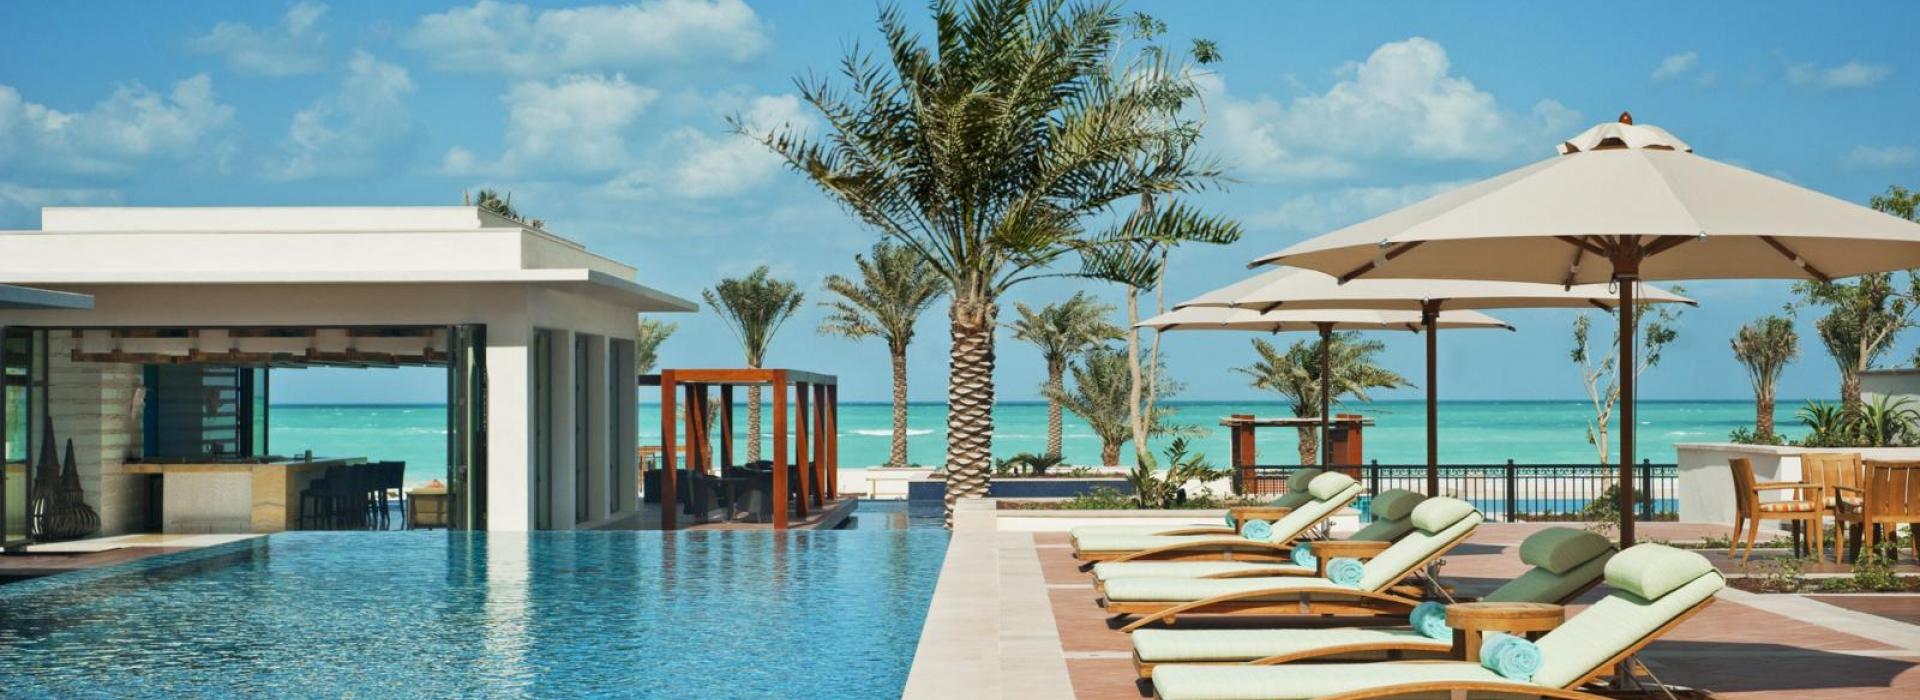 The St. Regis Saadiyat Island Resort 5*